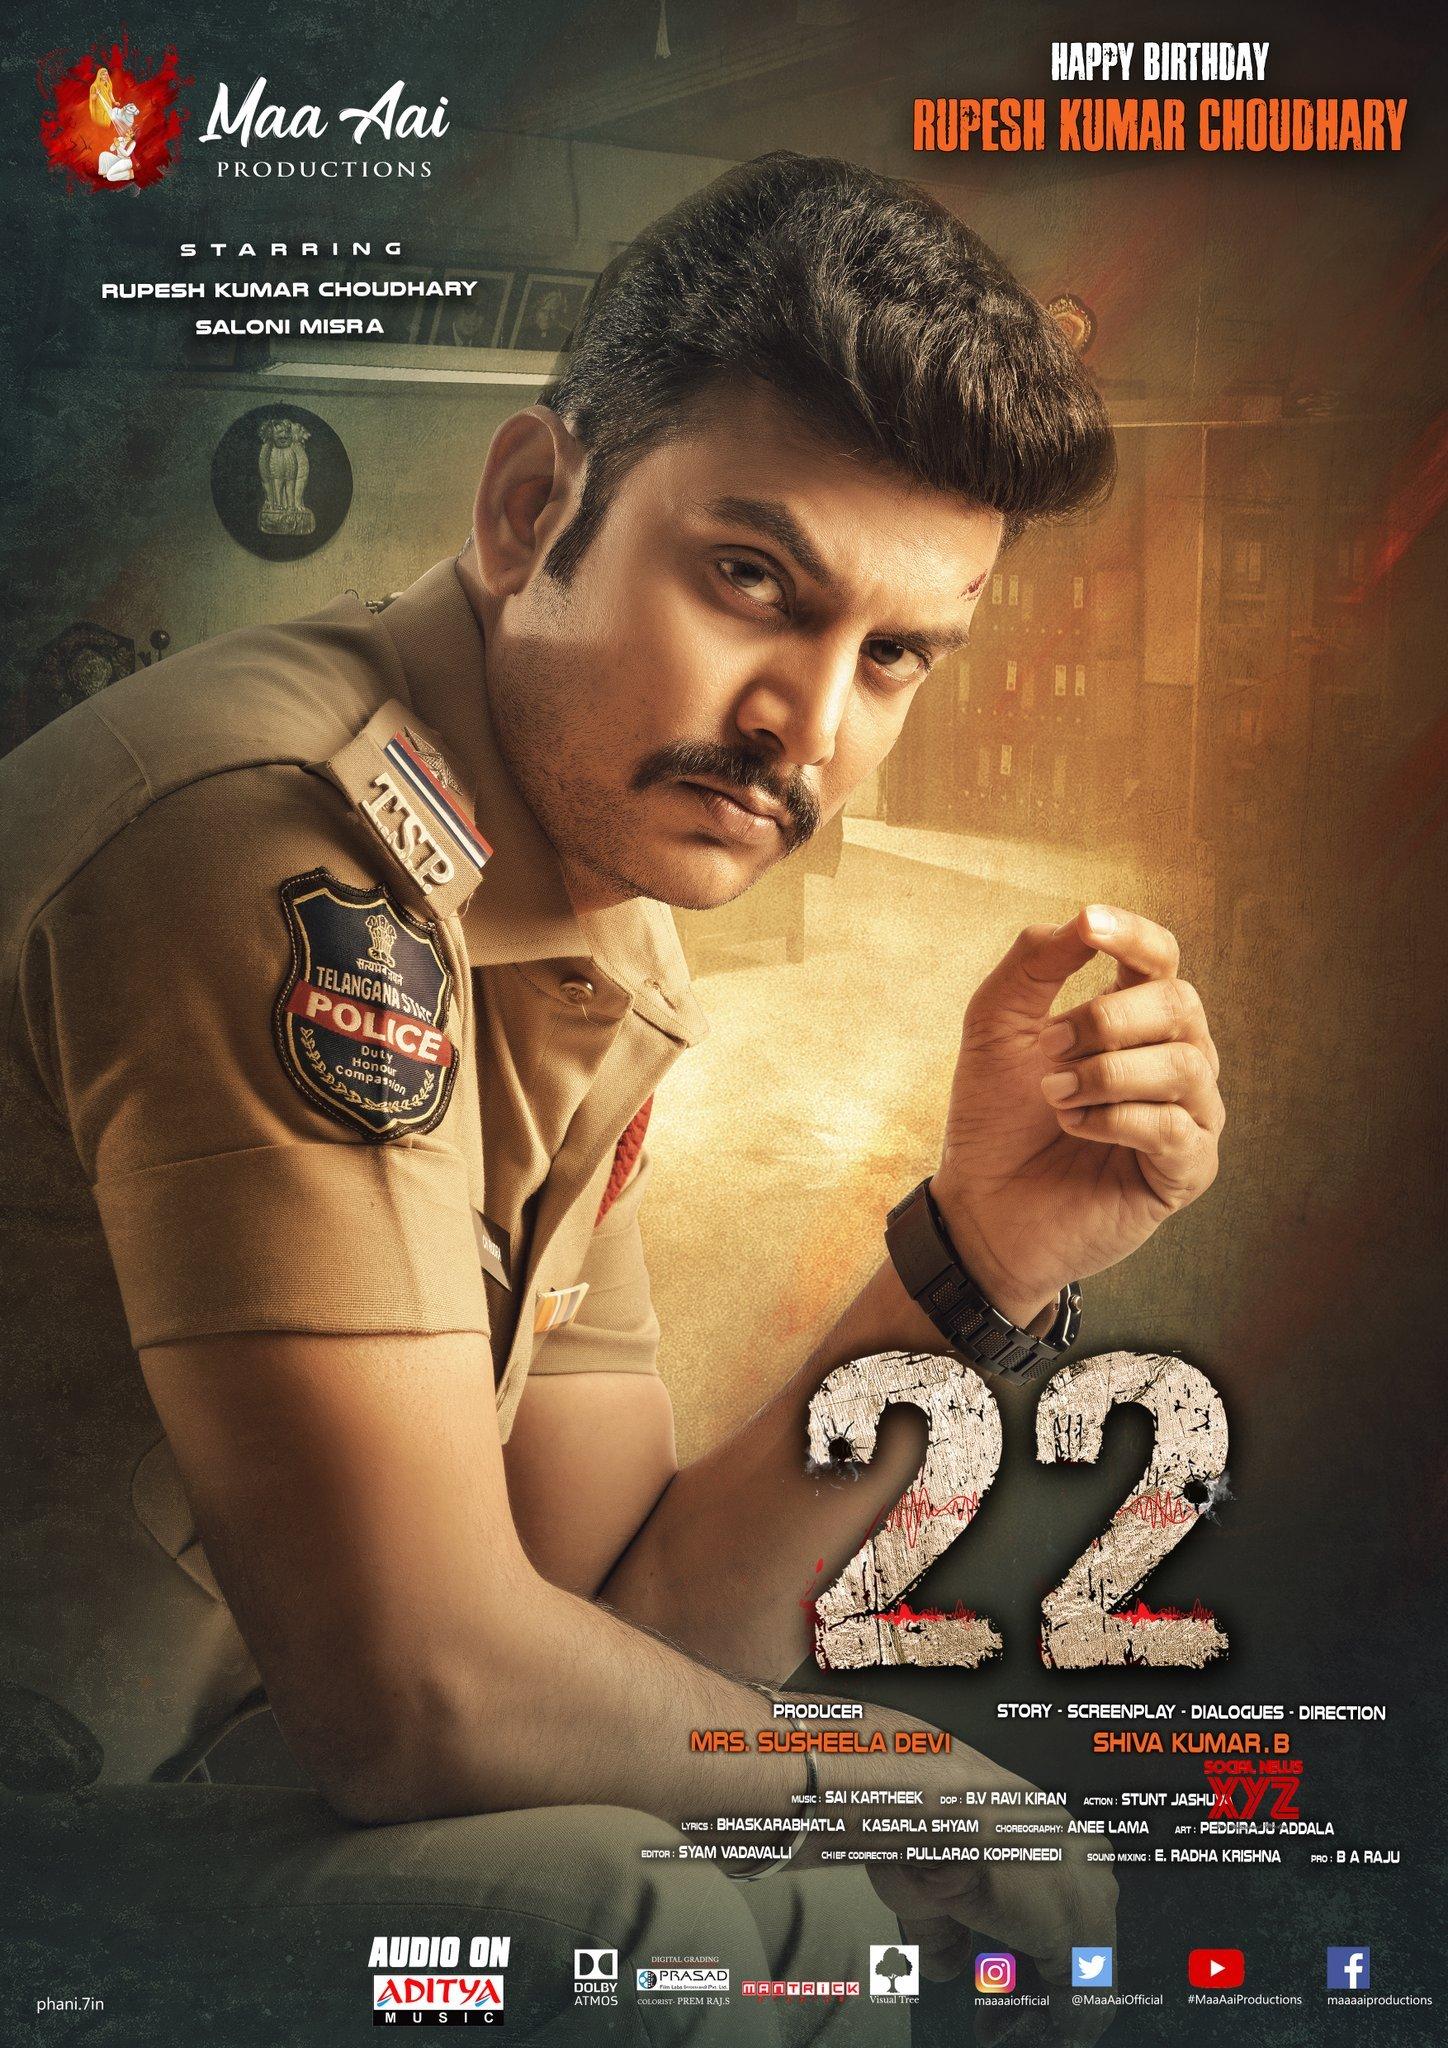 Hero Rupesh Kumar Choudhary Birthday Posters From 22 Movie Team